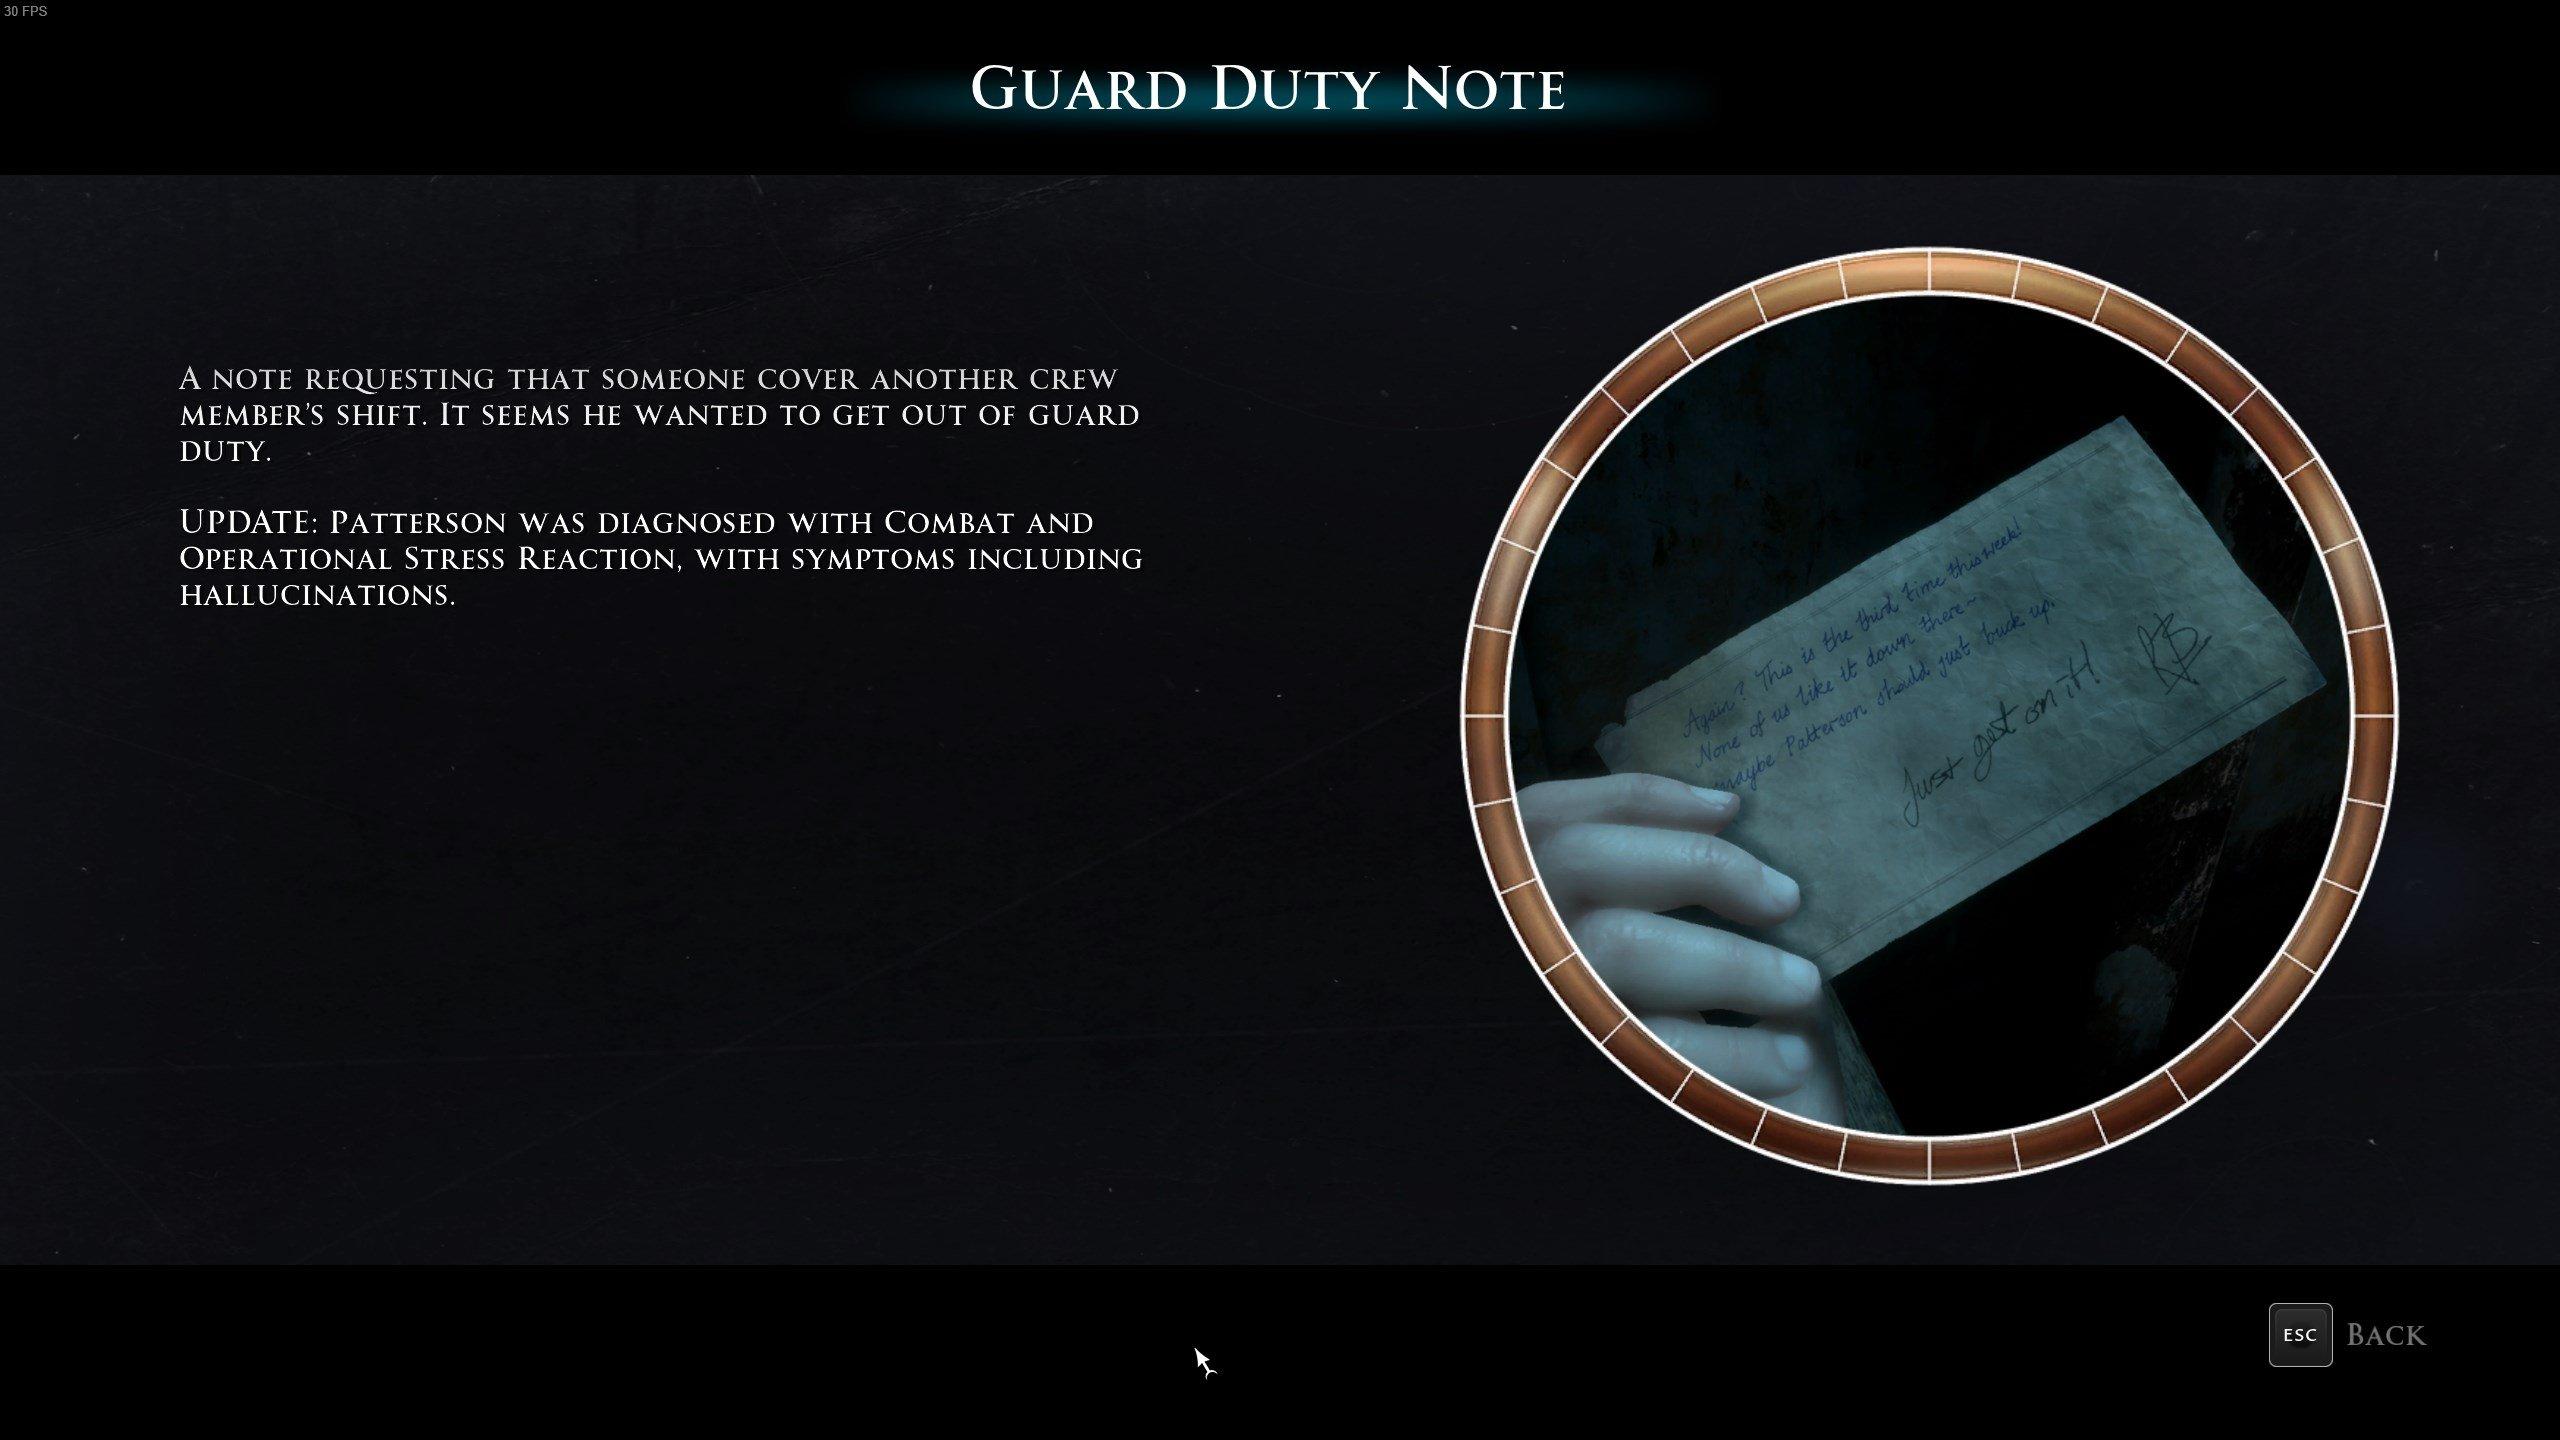 رجل ميدان - واجب الحرس Note